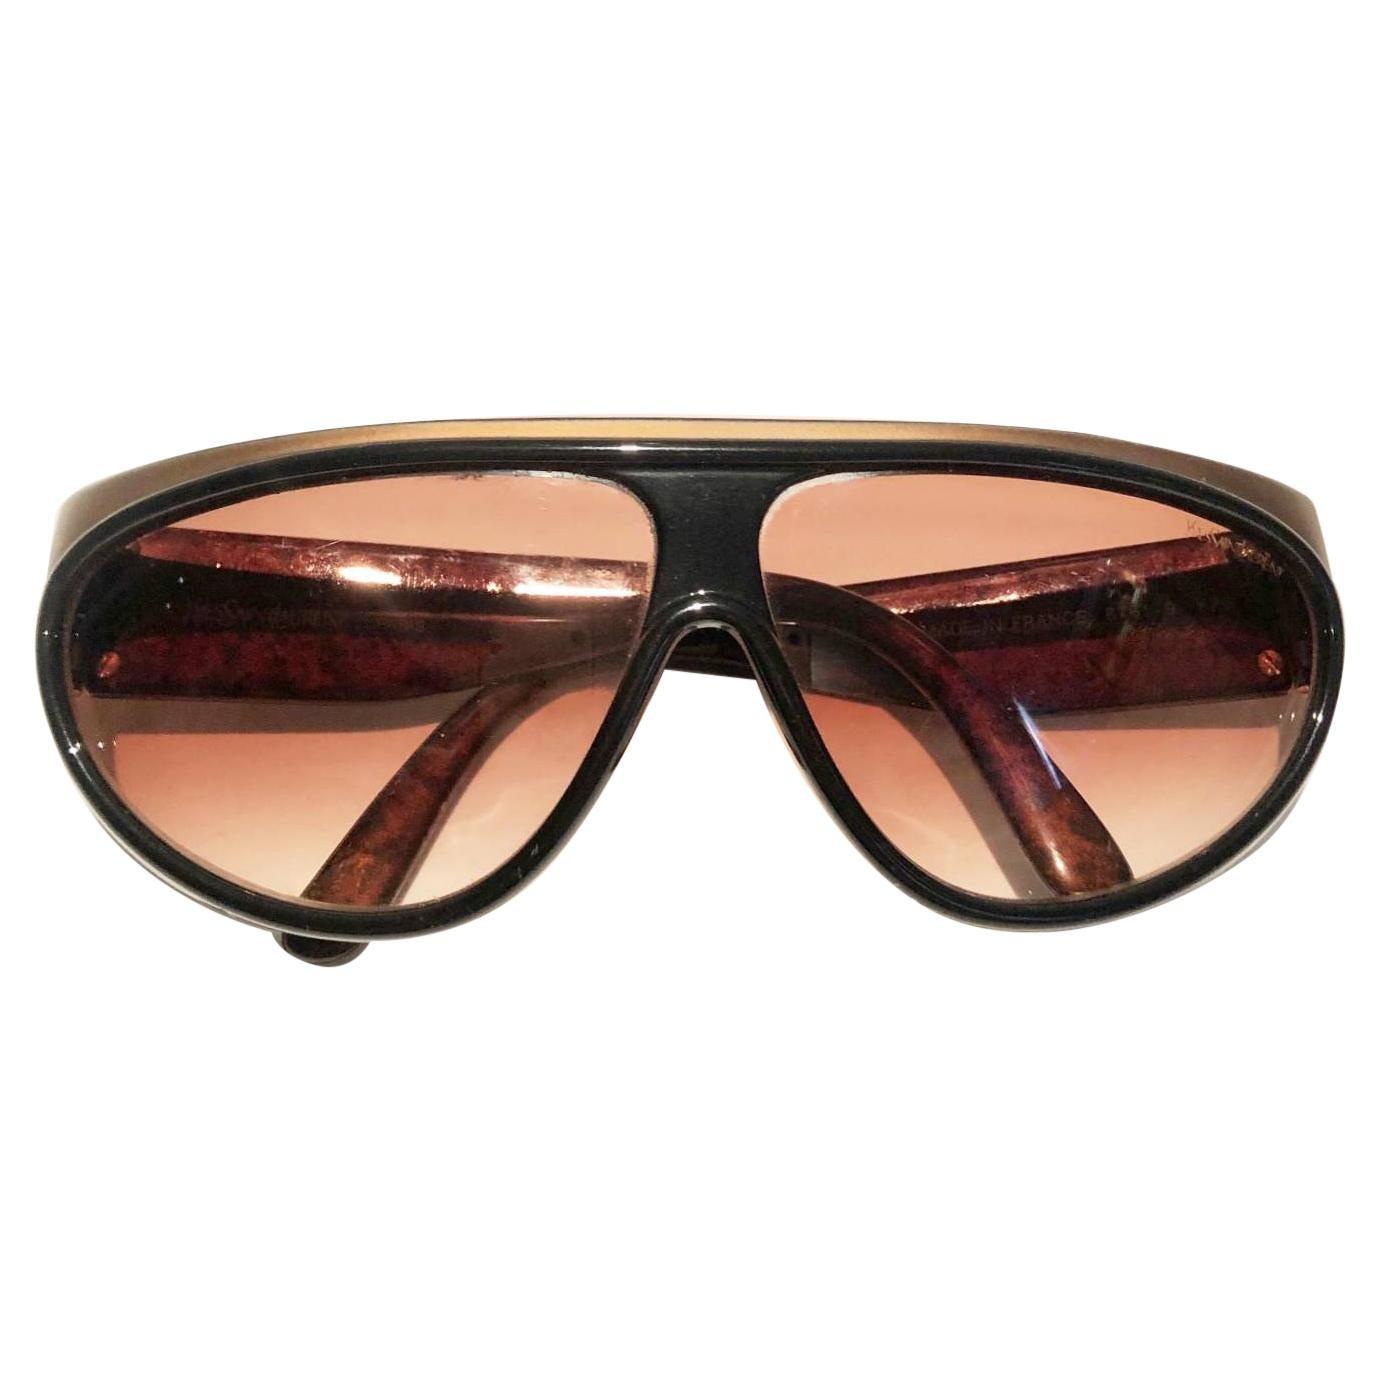 1980s Yves Saint Laurent Champs Elysees Aviator Sunglasses